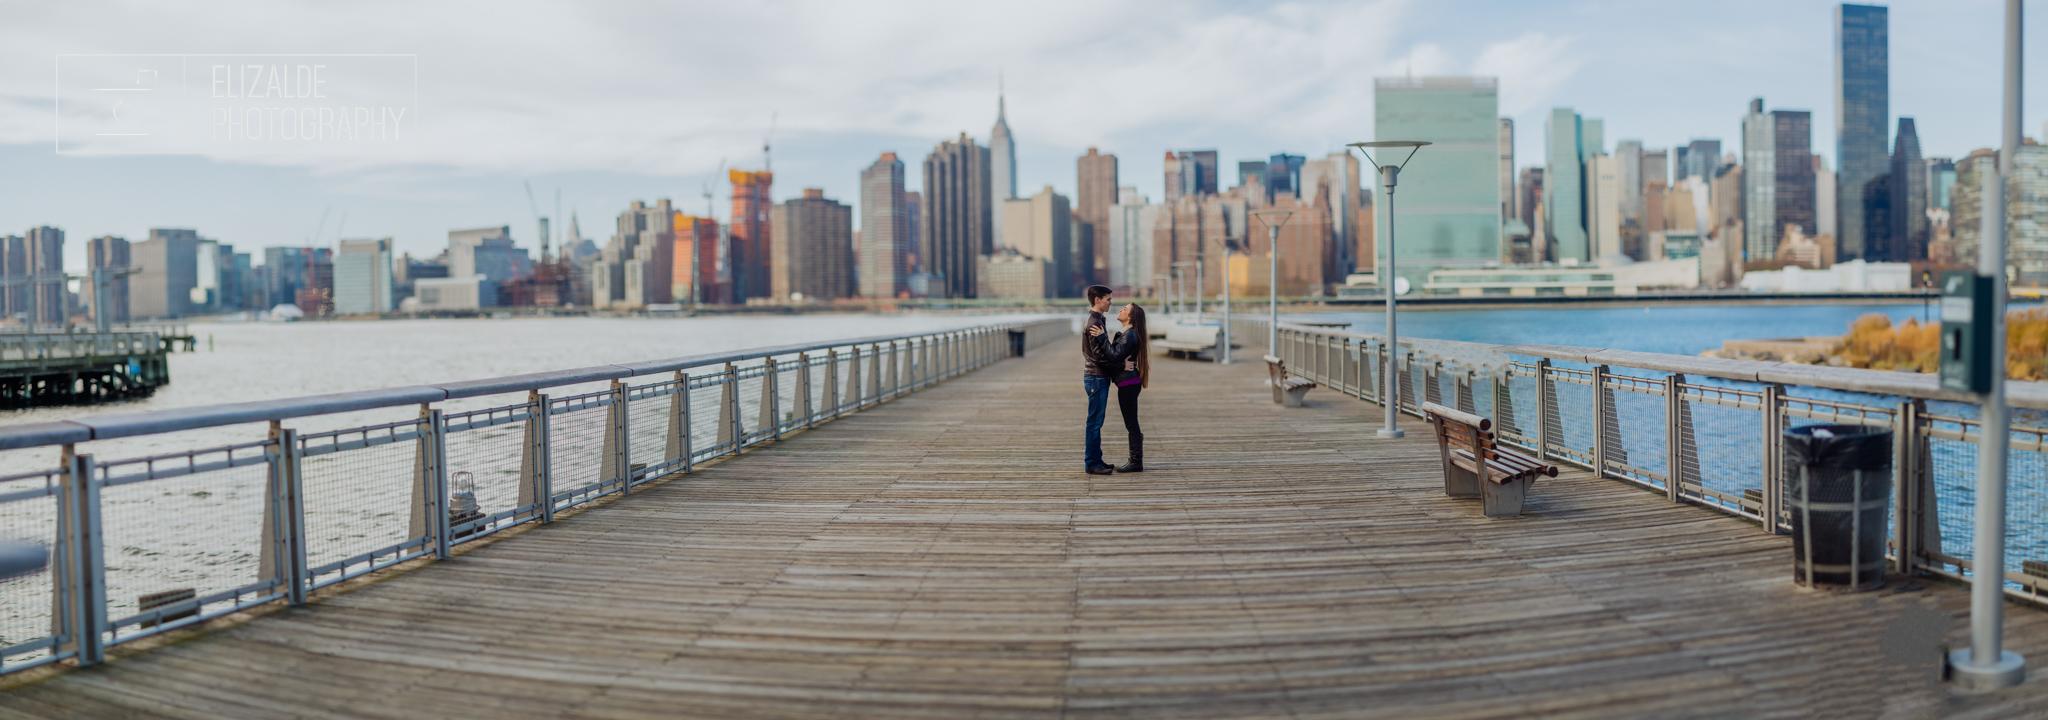 NY_MT_-14.jpg